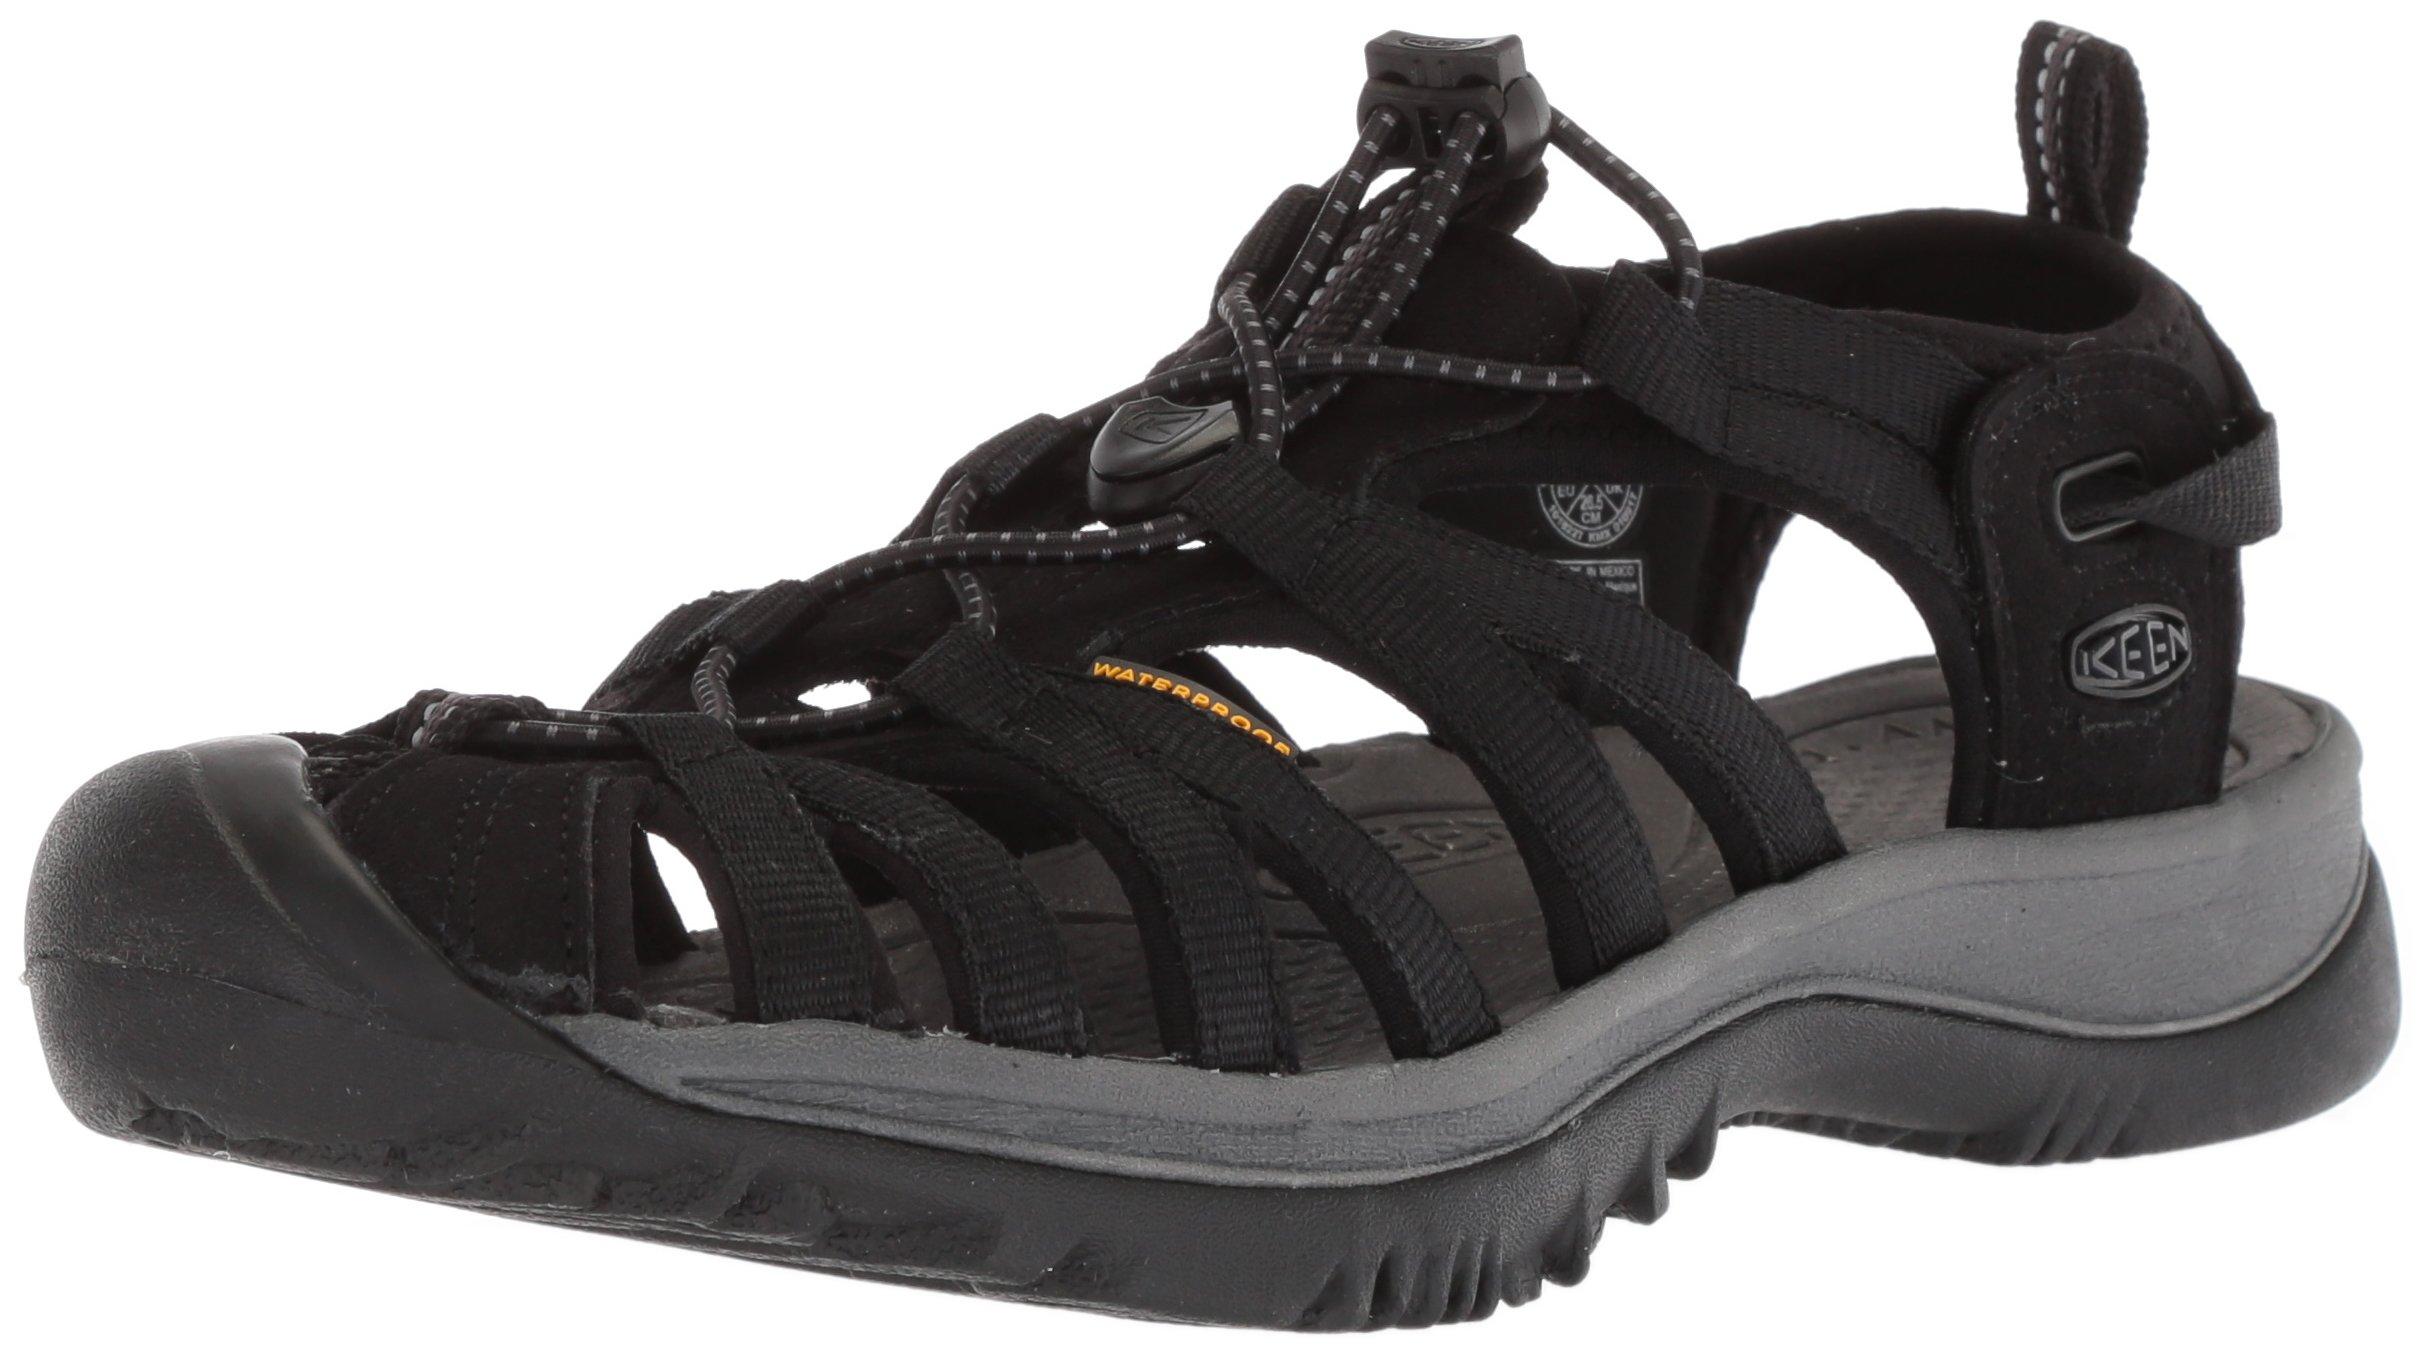 KEEN Women's Whisper-W Sandal, Black/Magnet, 9 M US